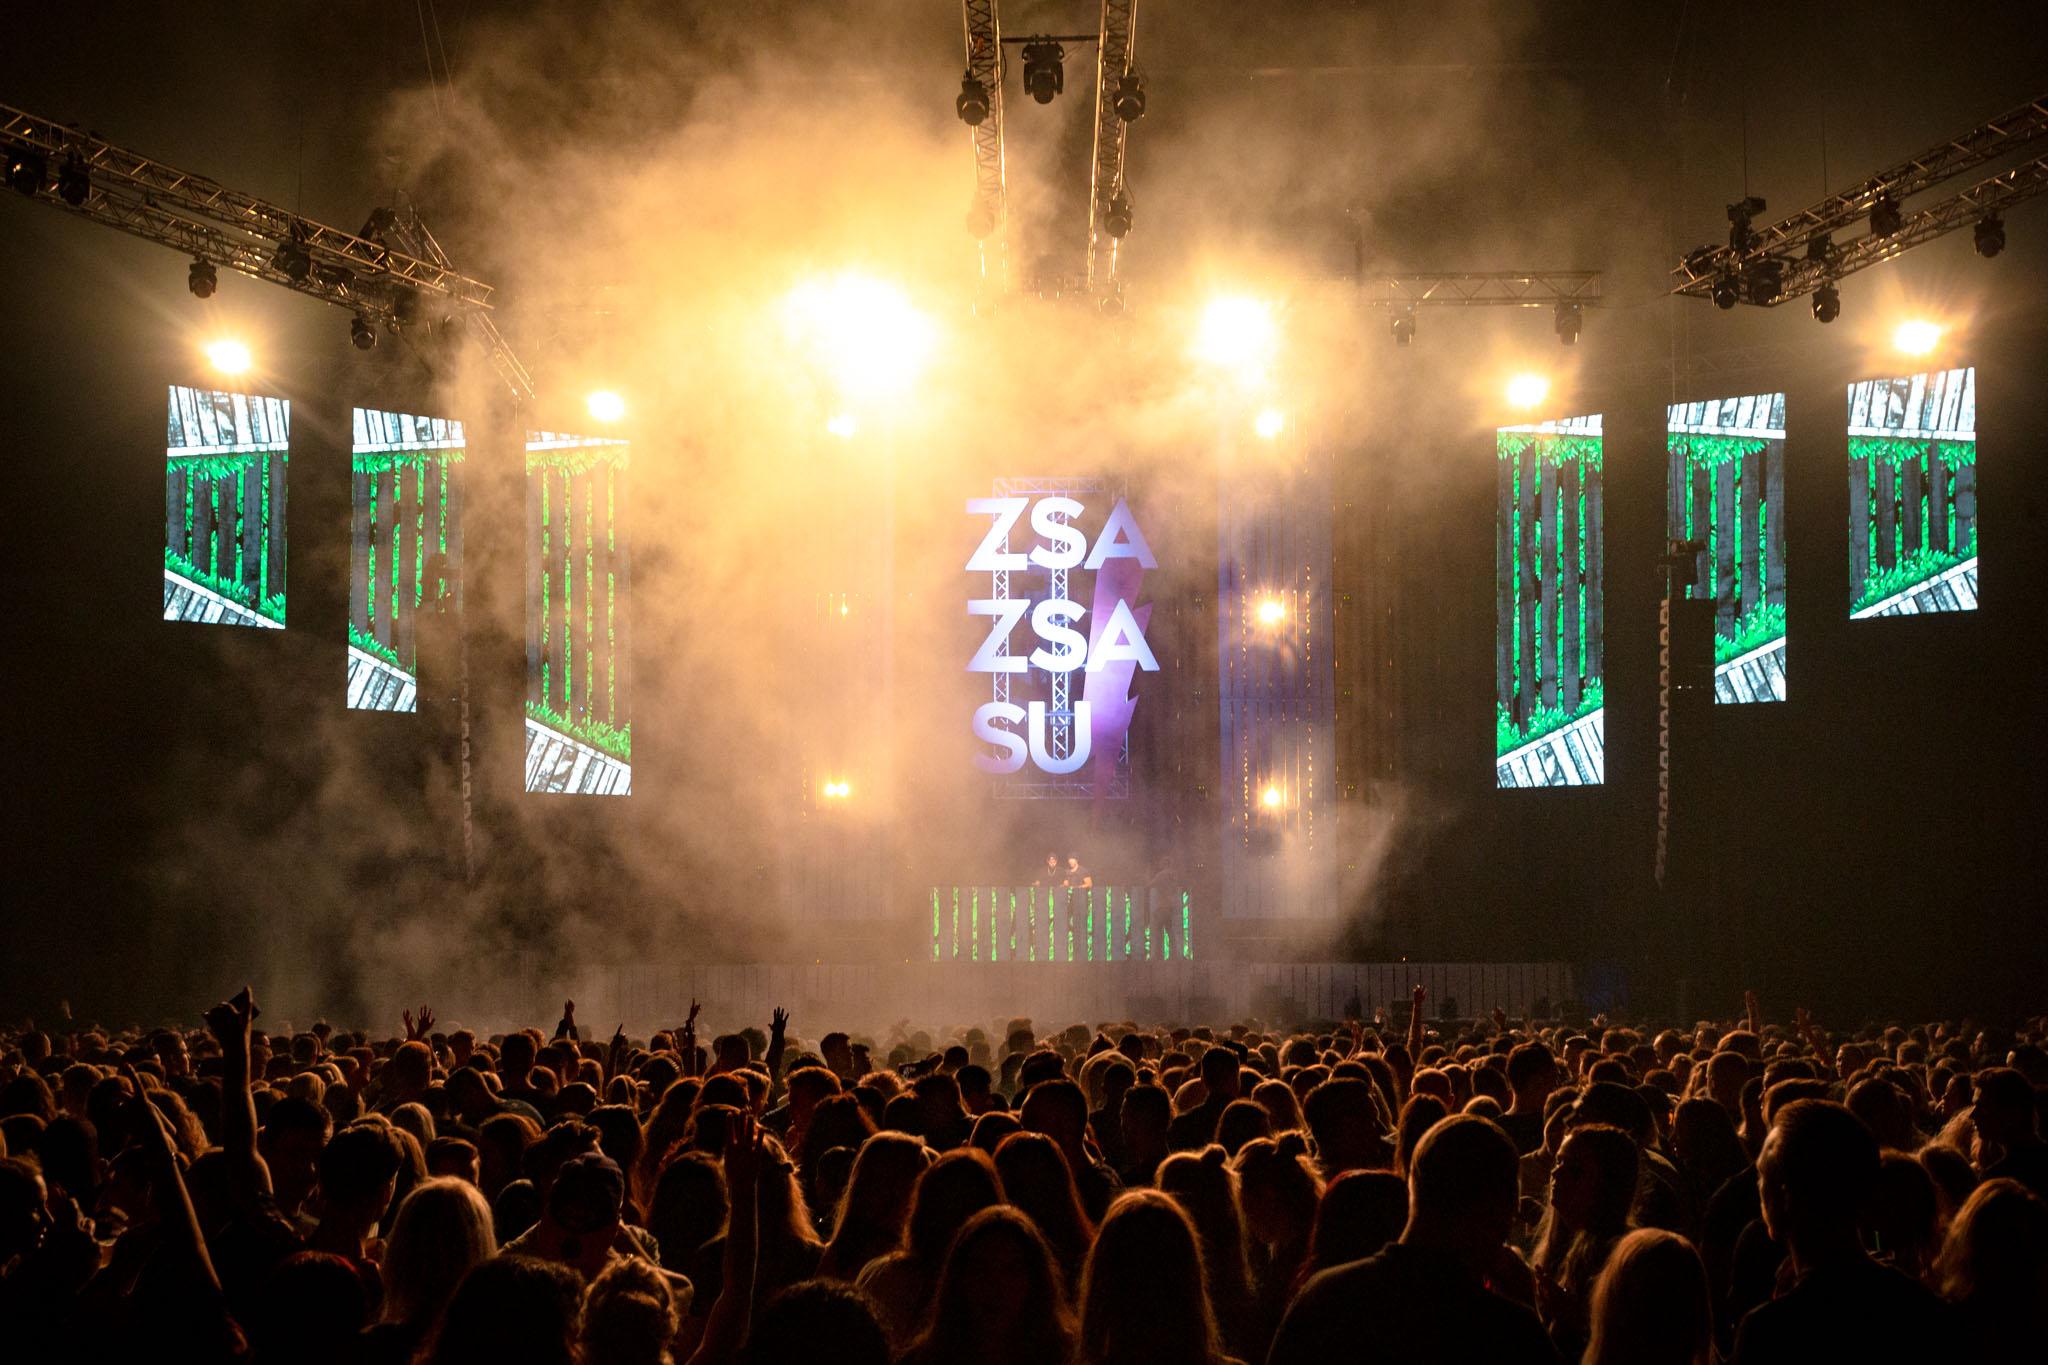 Zsa Zsa Su Amsterdam Afas Evenement Fotograaf Shot By Sylla 19